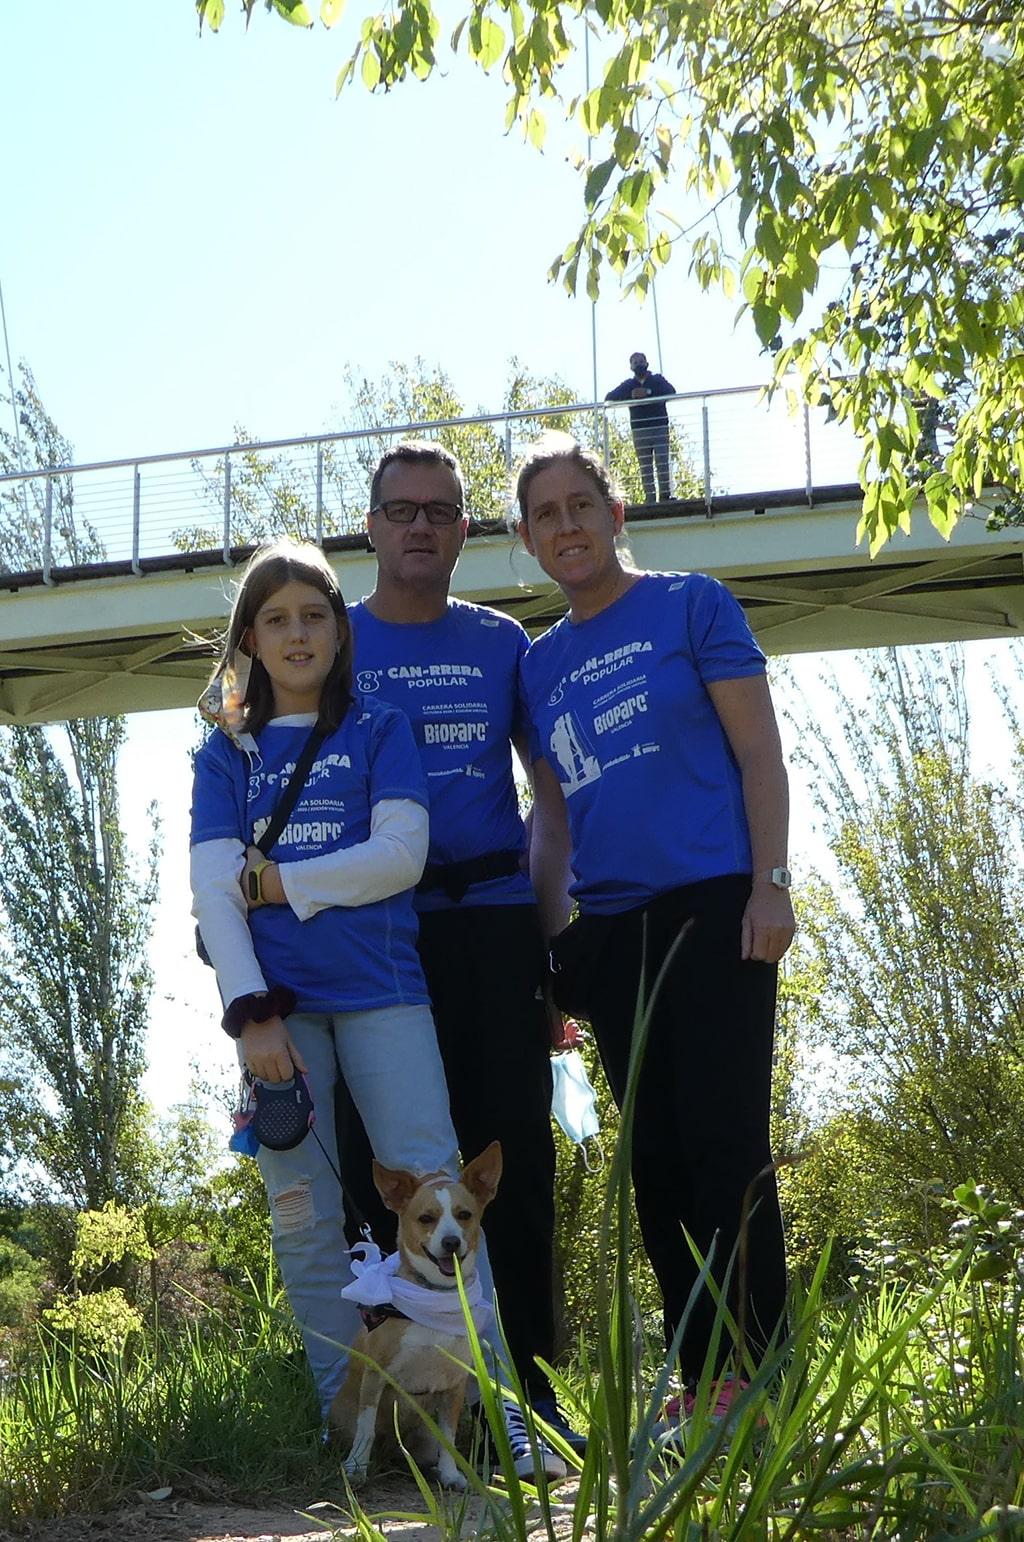 Familia participante en la edición virtual de la 8 CAN-RRERA solidaria de BIOPARC Valencia